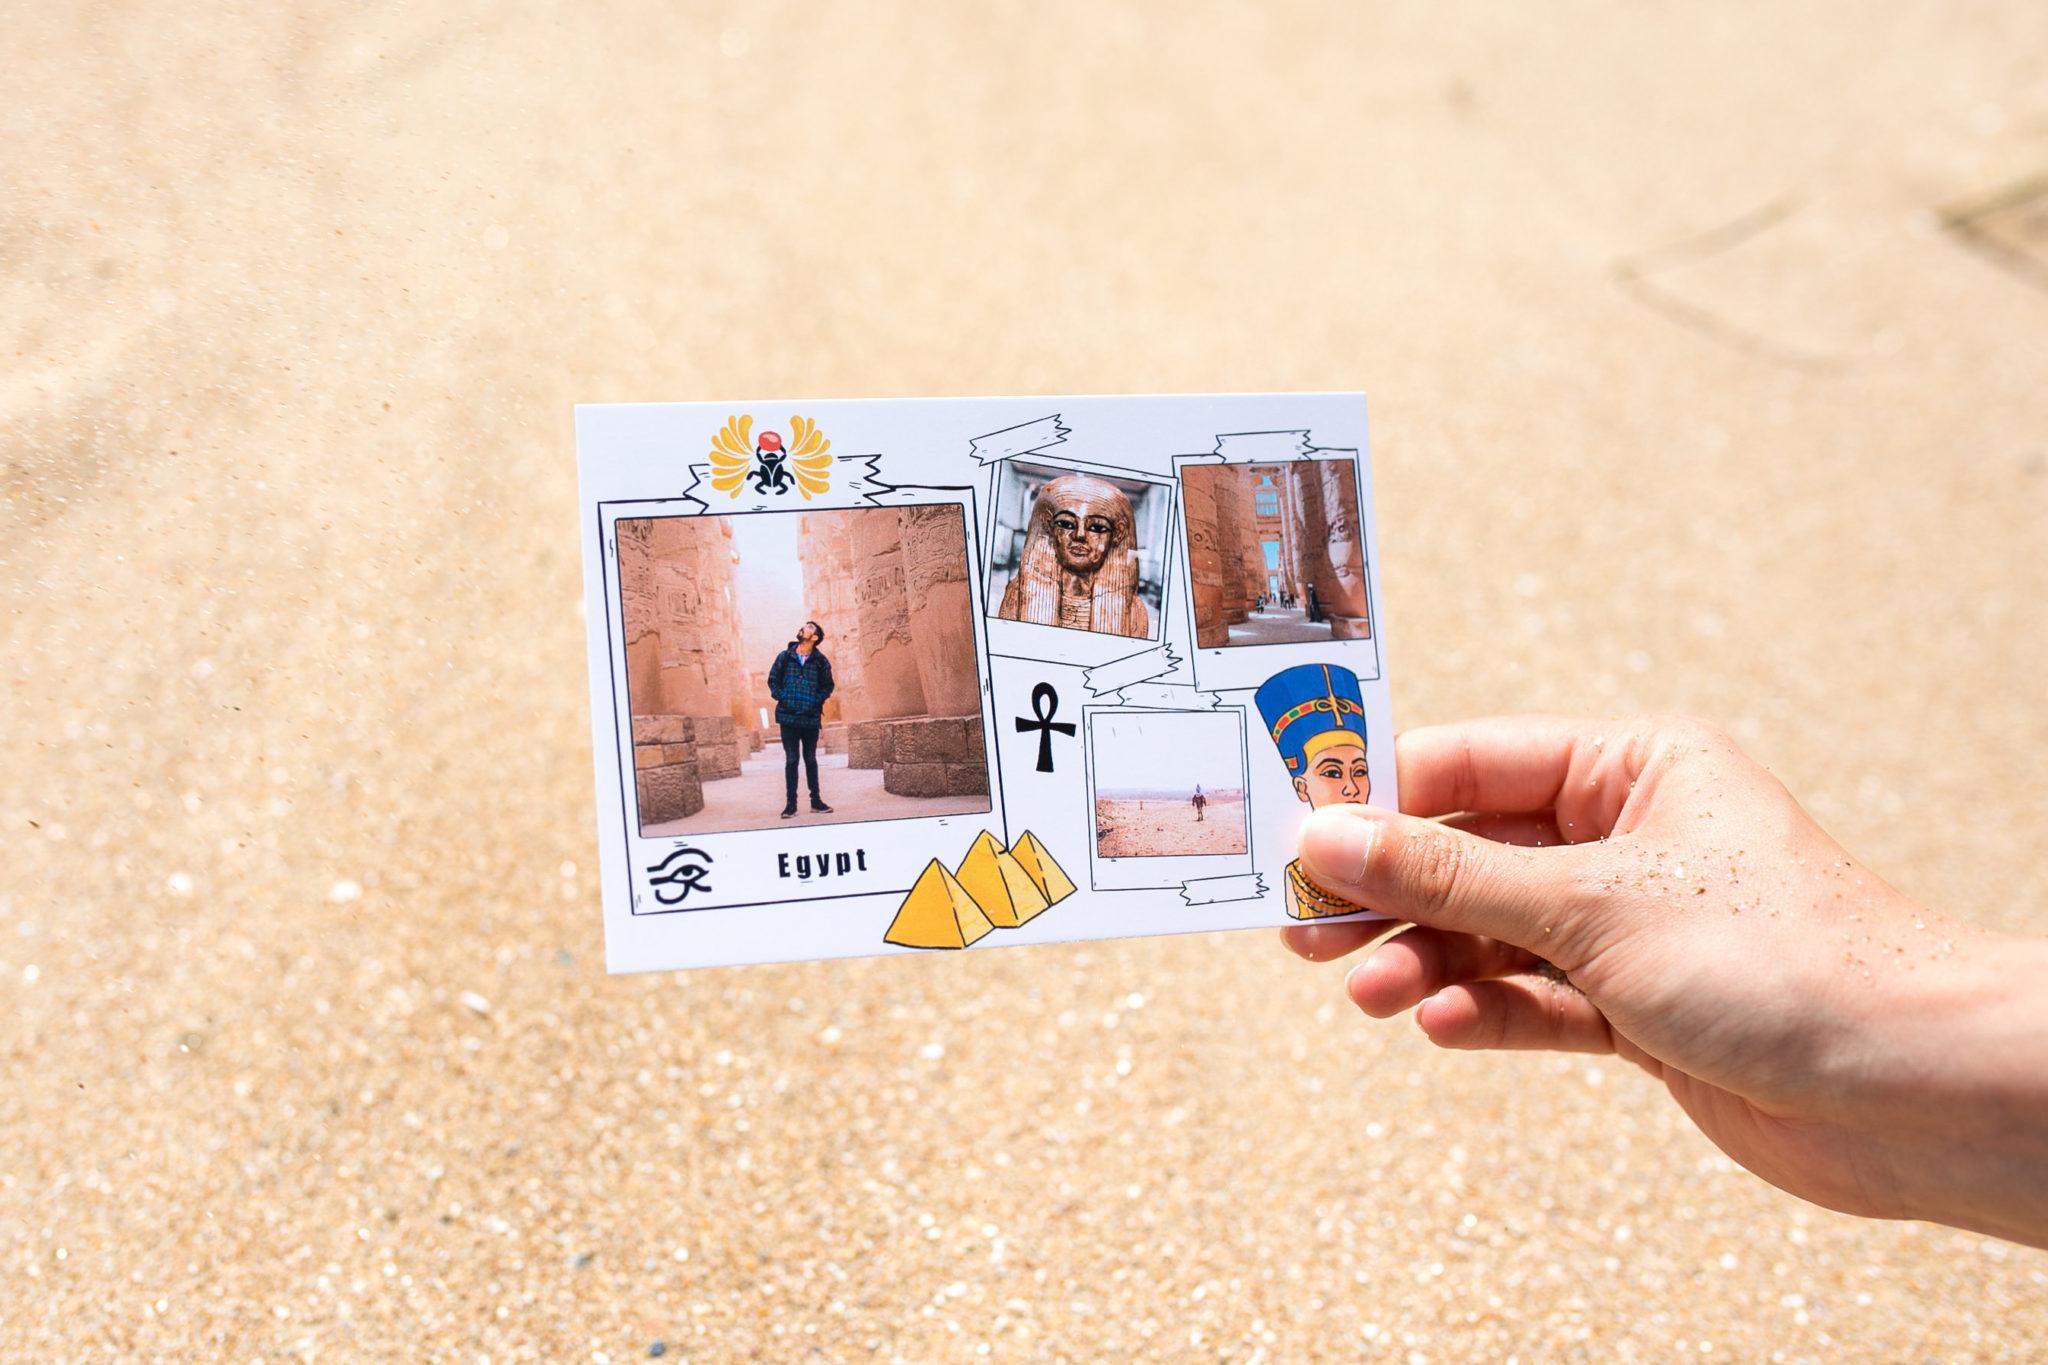 carte postale Egypte avec statues sur le sable